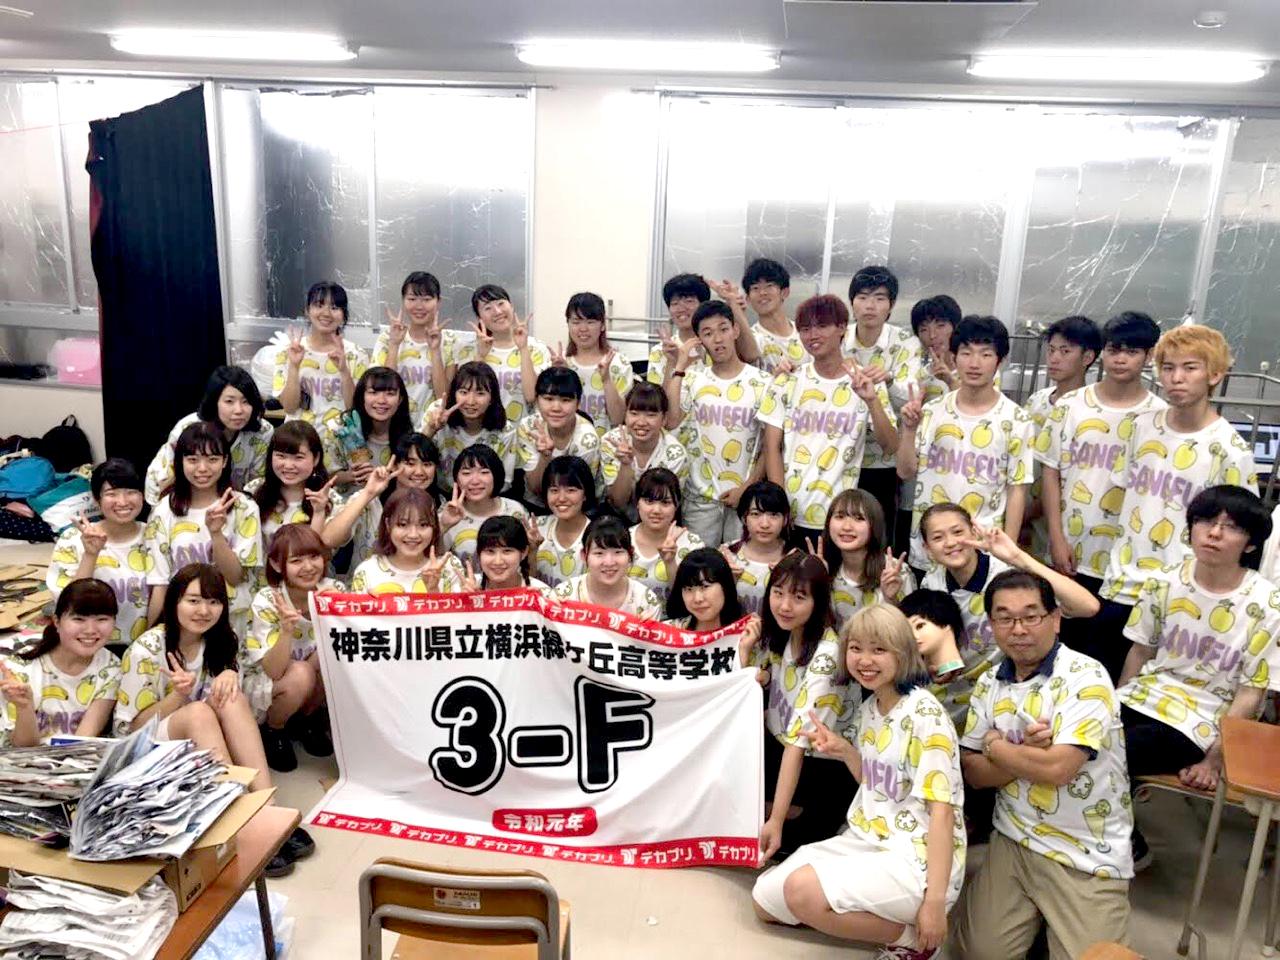 高校生クラスTシャツ2019横浜緑ヶ丘高校(3-F)様(デカプリMAX)